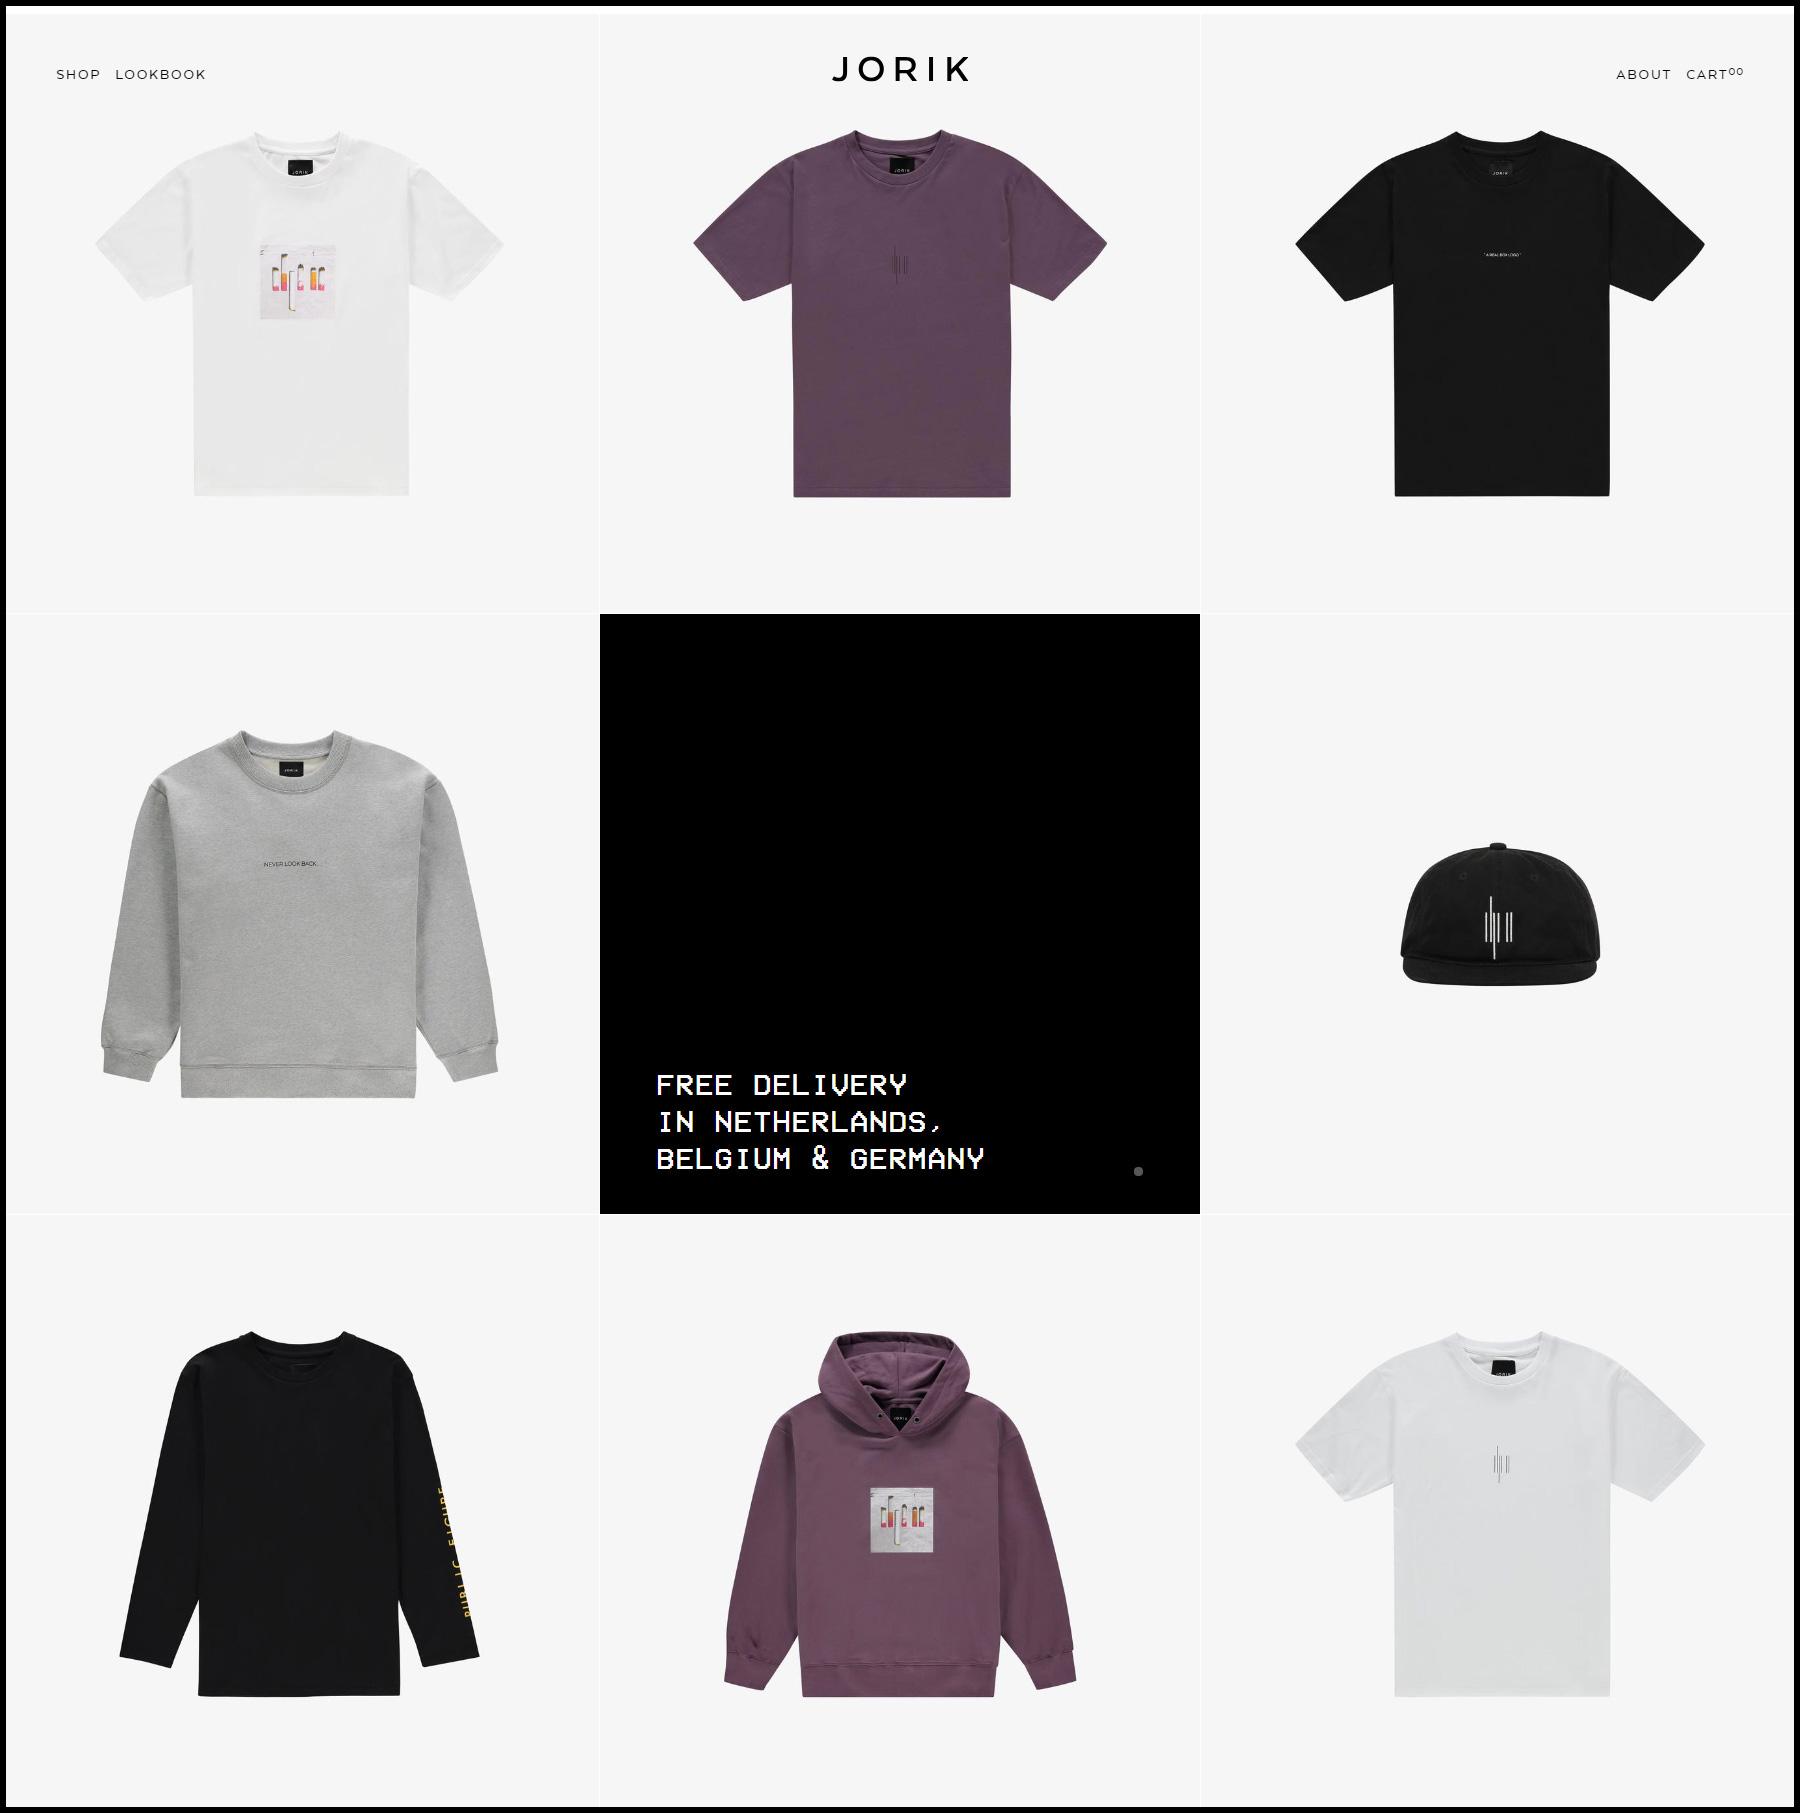 Jorik - Website of the Day